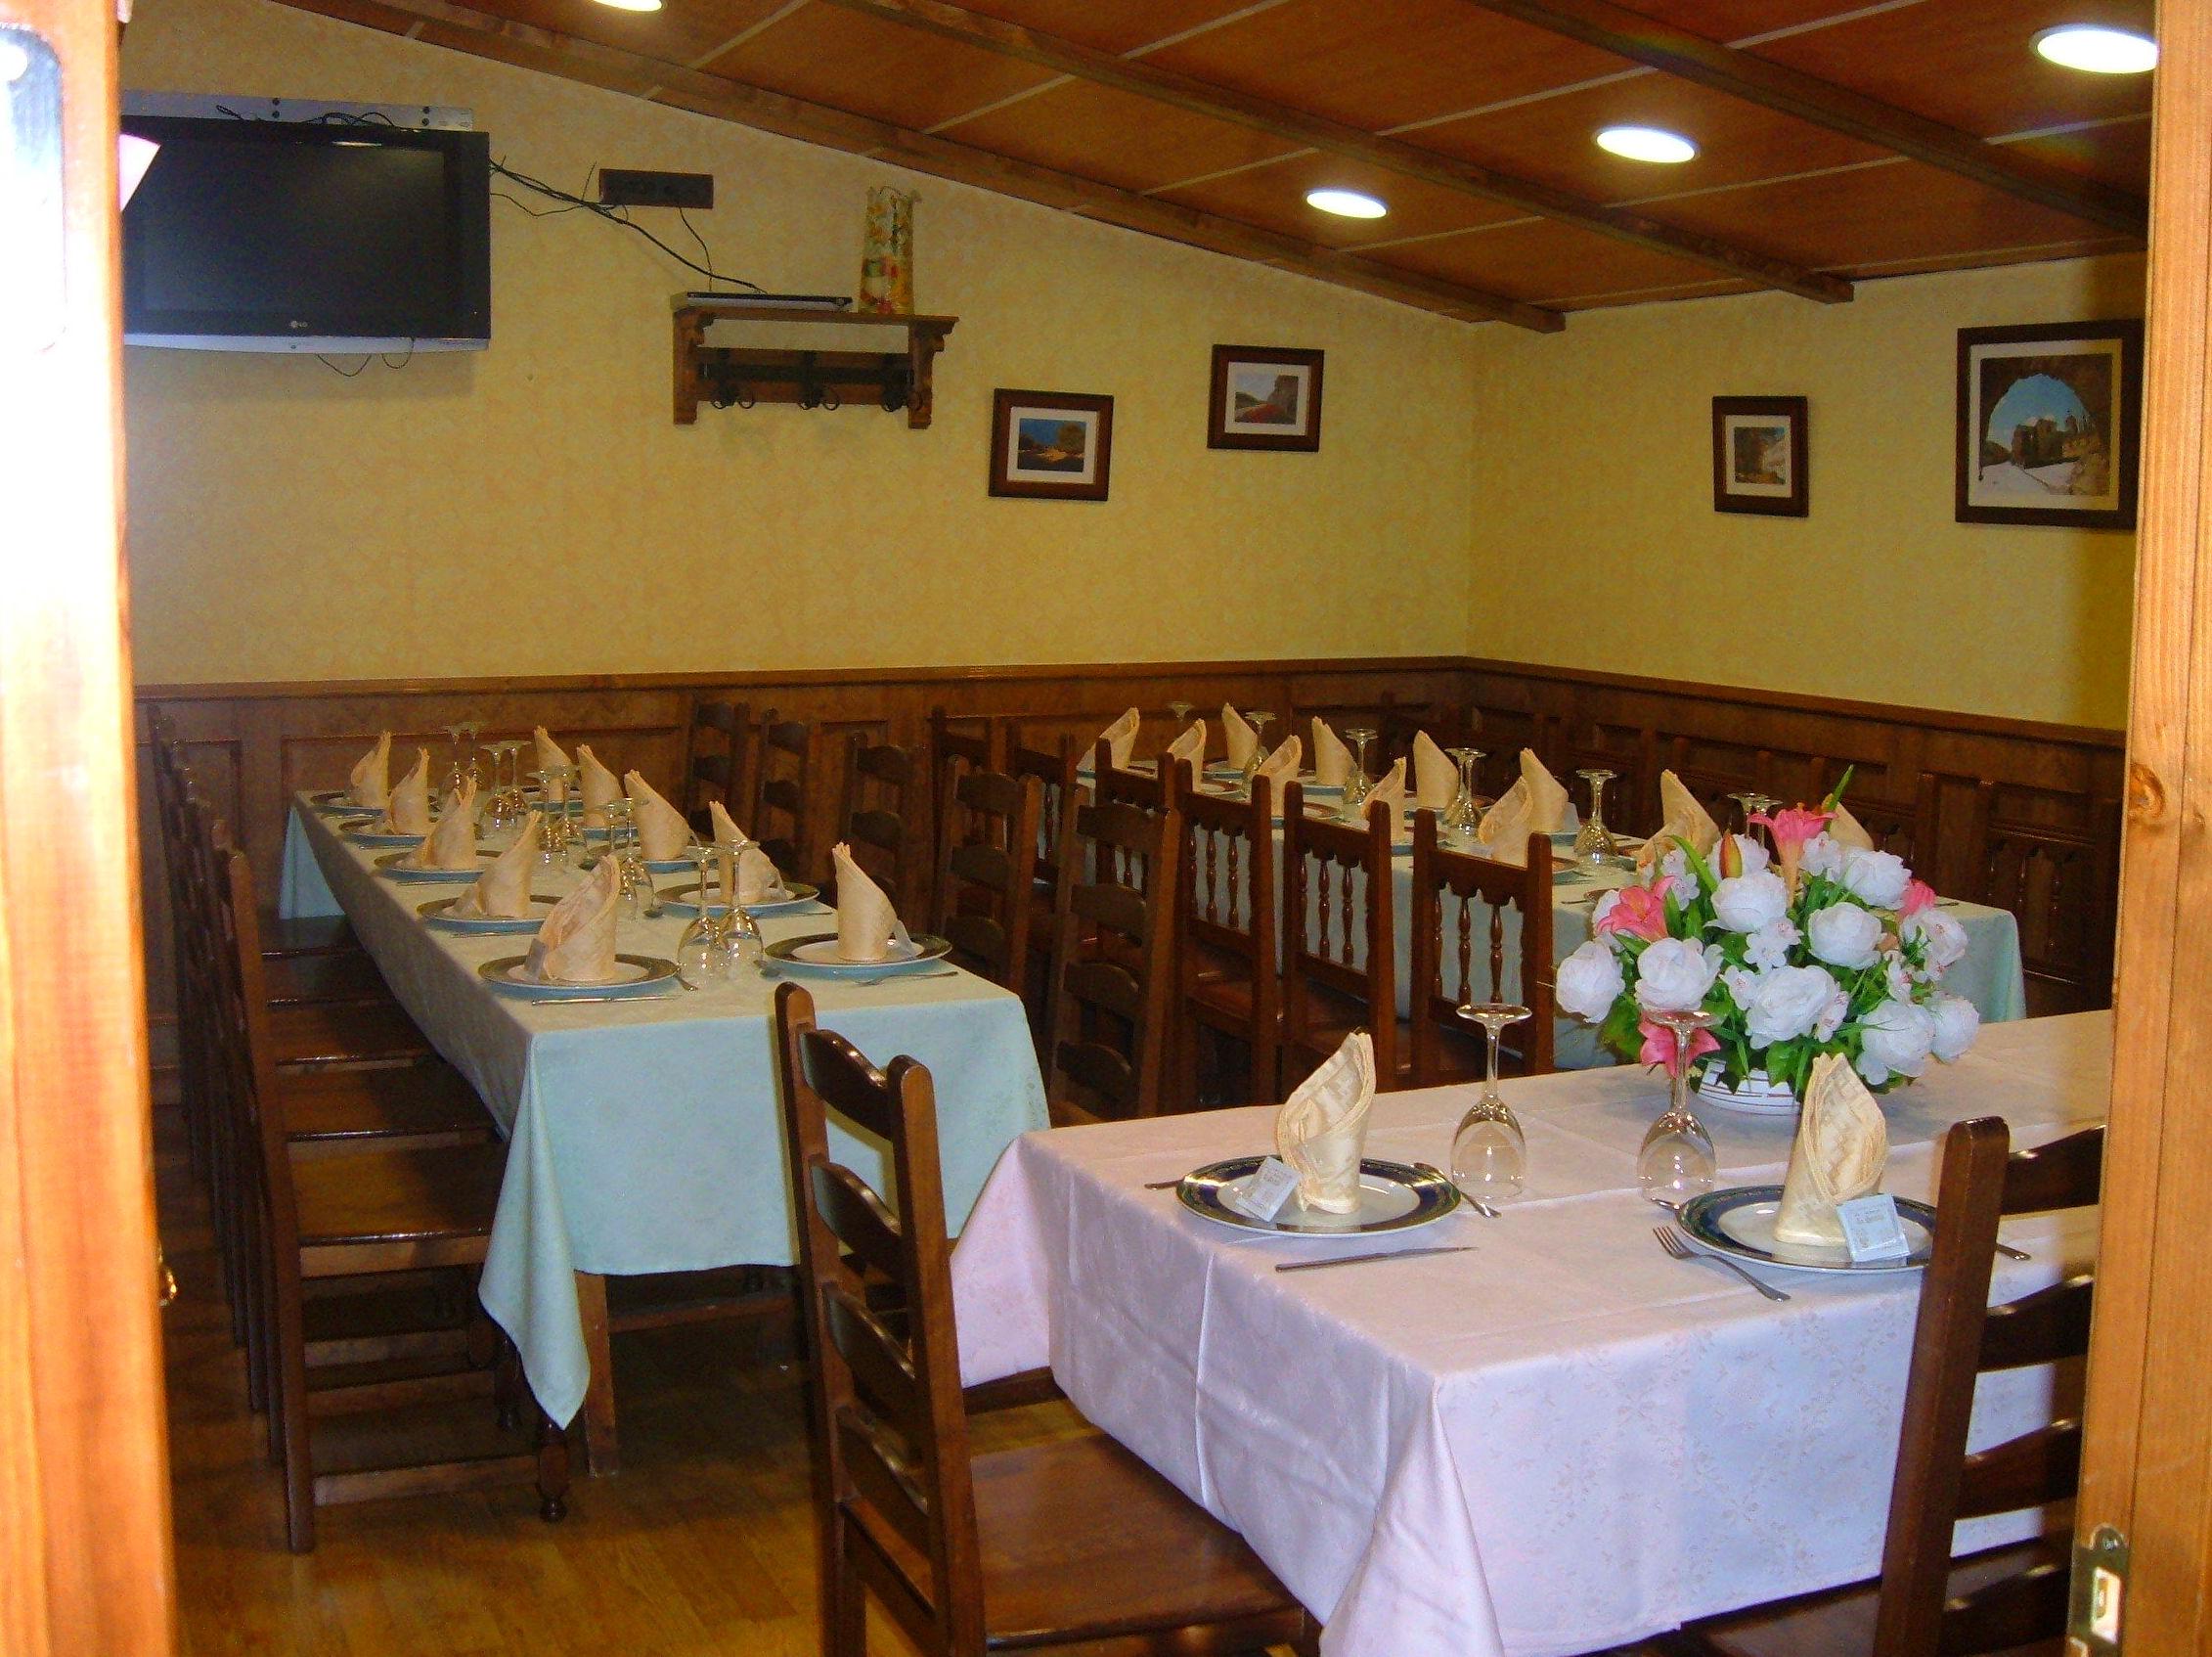 Sal n 3 comedor despedidas men s de restaurante terraza - Comedor de terraza ...